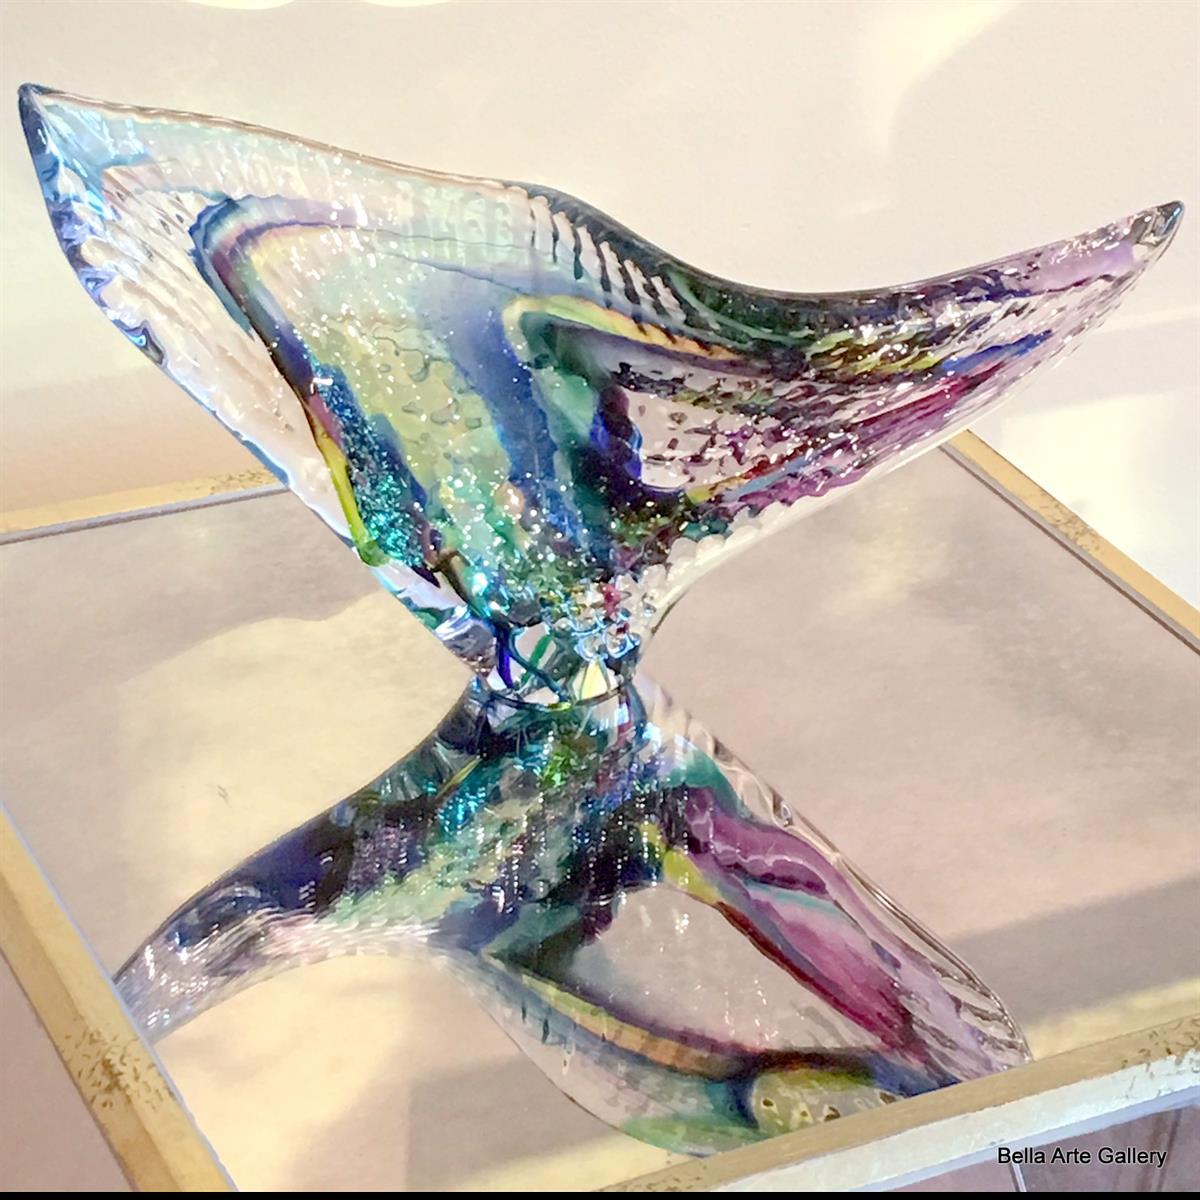 Blown glass , glass sculpture, multi colored, abstract shape glass, Goldhagen art glass studio